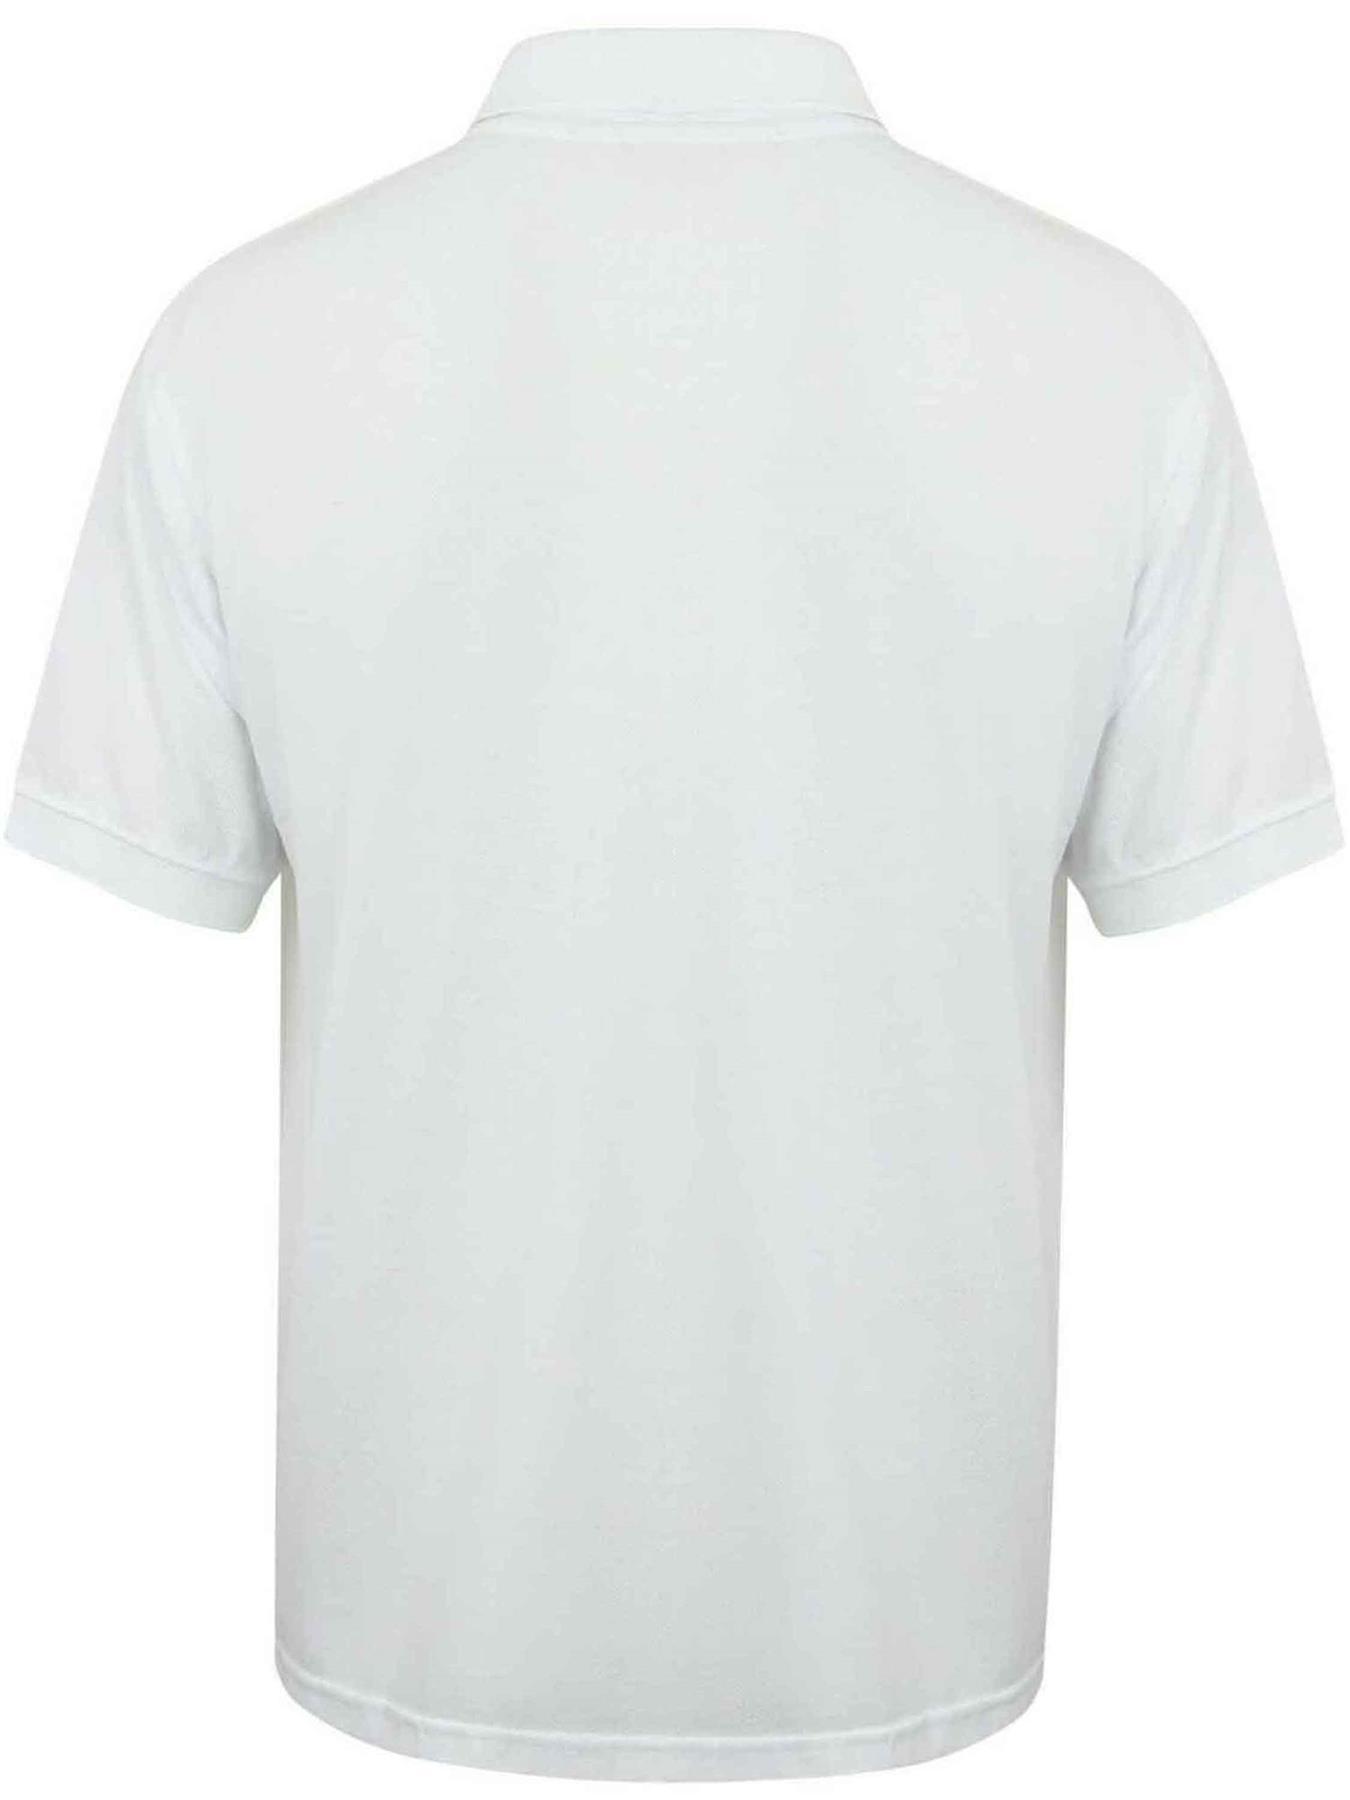 Indexbild 65 - Herren Polohemd Freizeit T-Shirts Neu Schlicht Kurzärmeliges Regular Fit